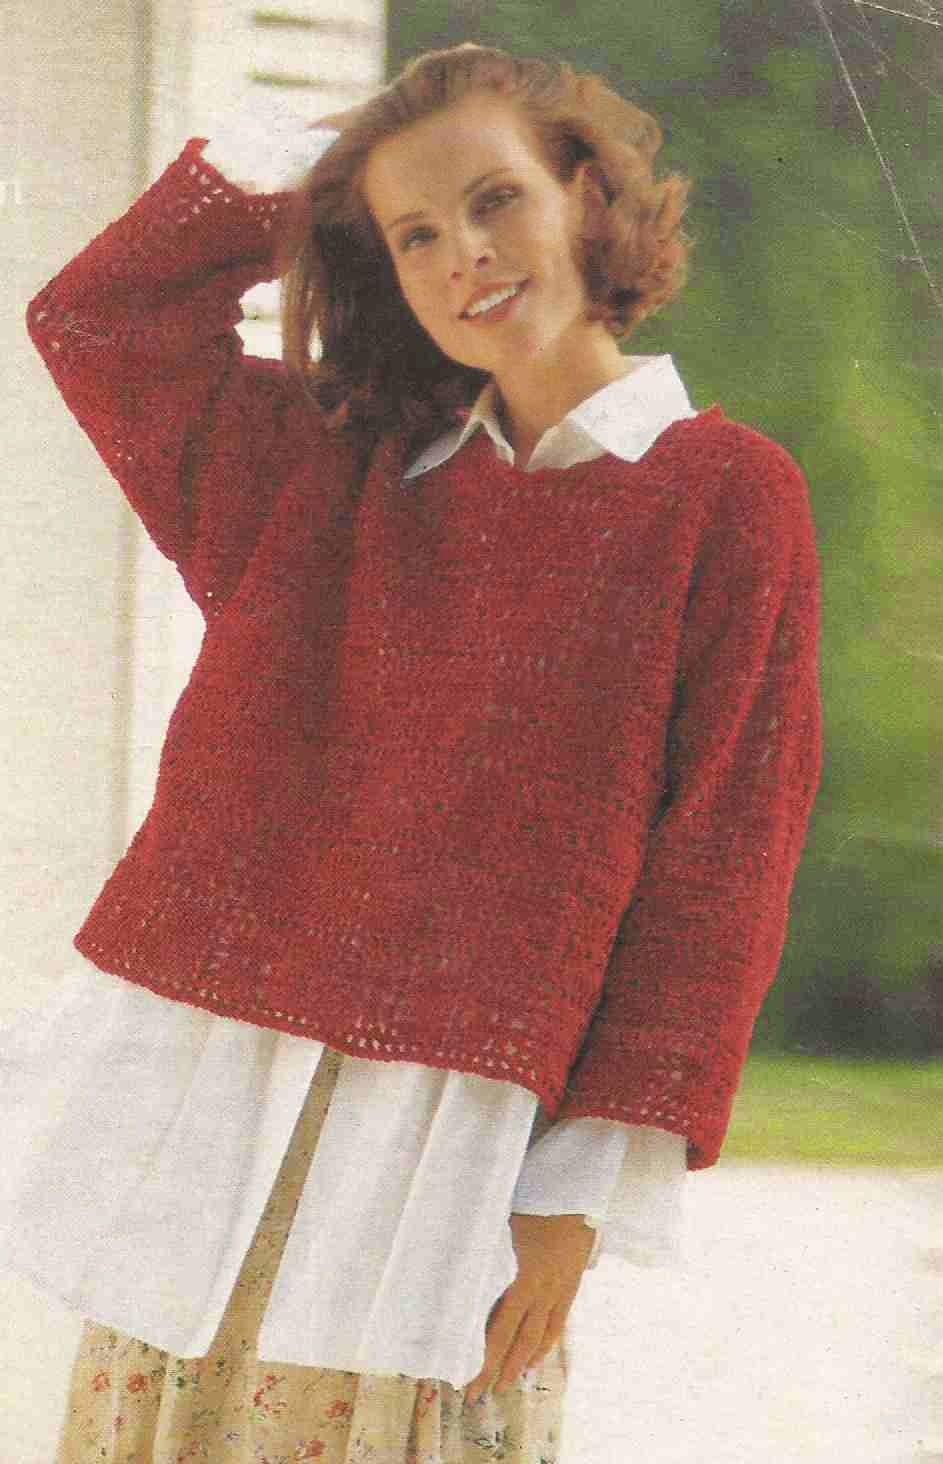 #112 Suéter o Jersey de Cuadros Rojos a Crochet